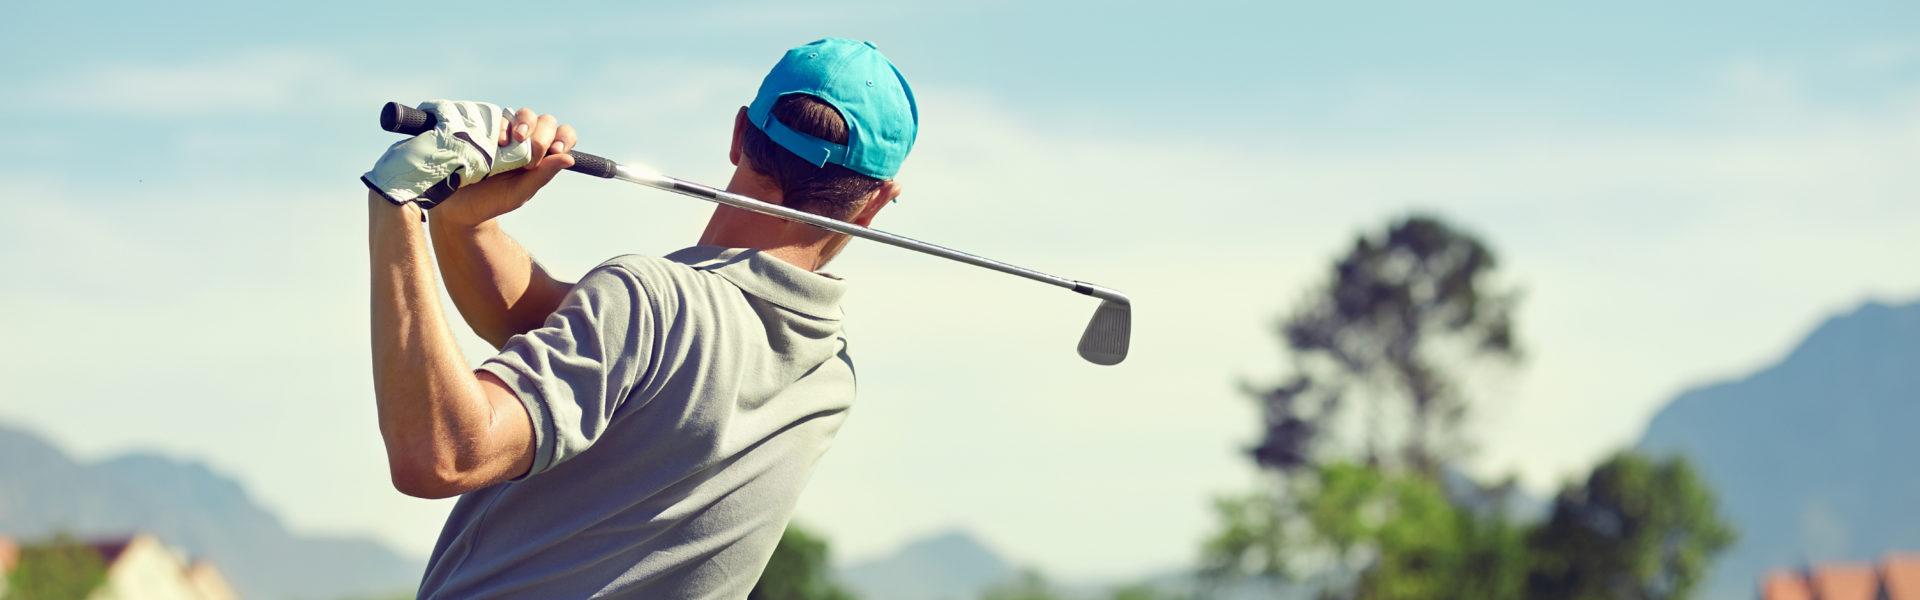 Quels-sont-les-avantages-d-acheter-un-appartement-avec-un-golf-tout-pres-.jpg